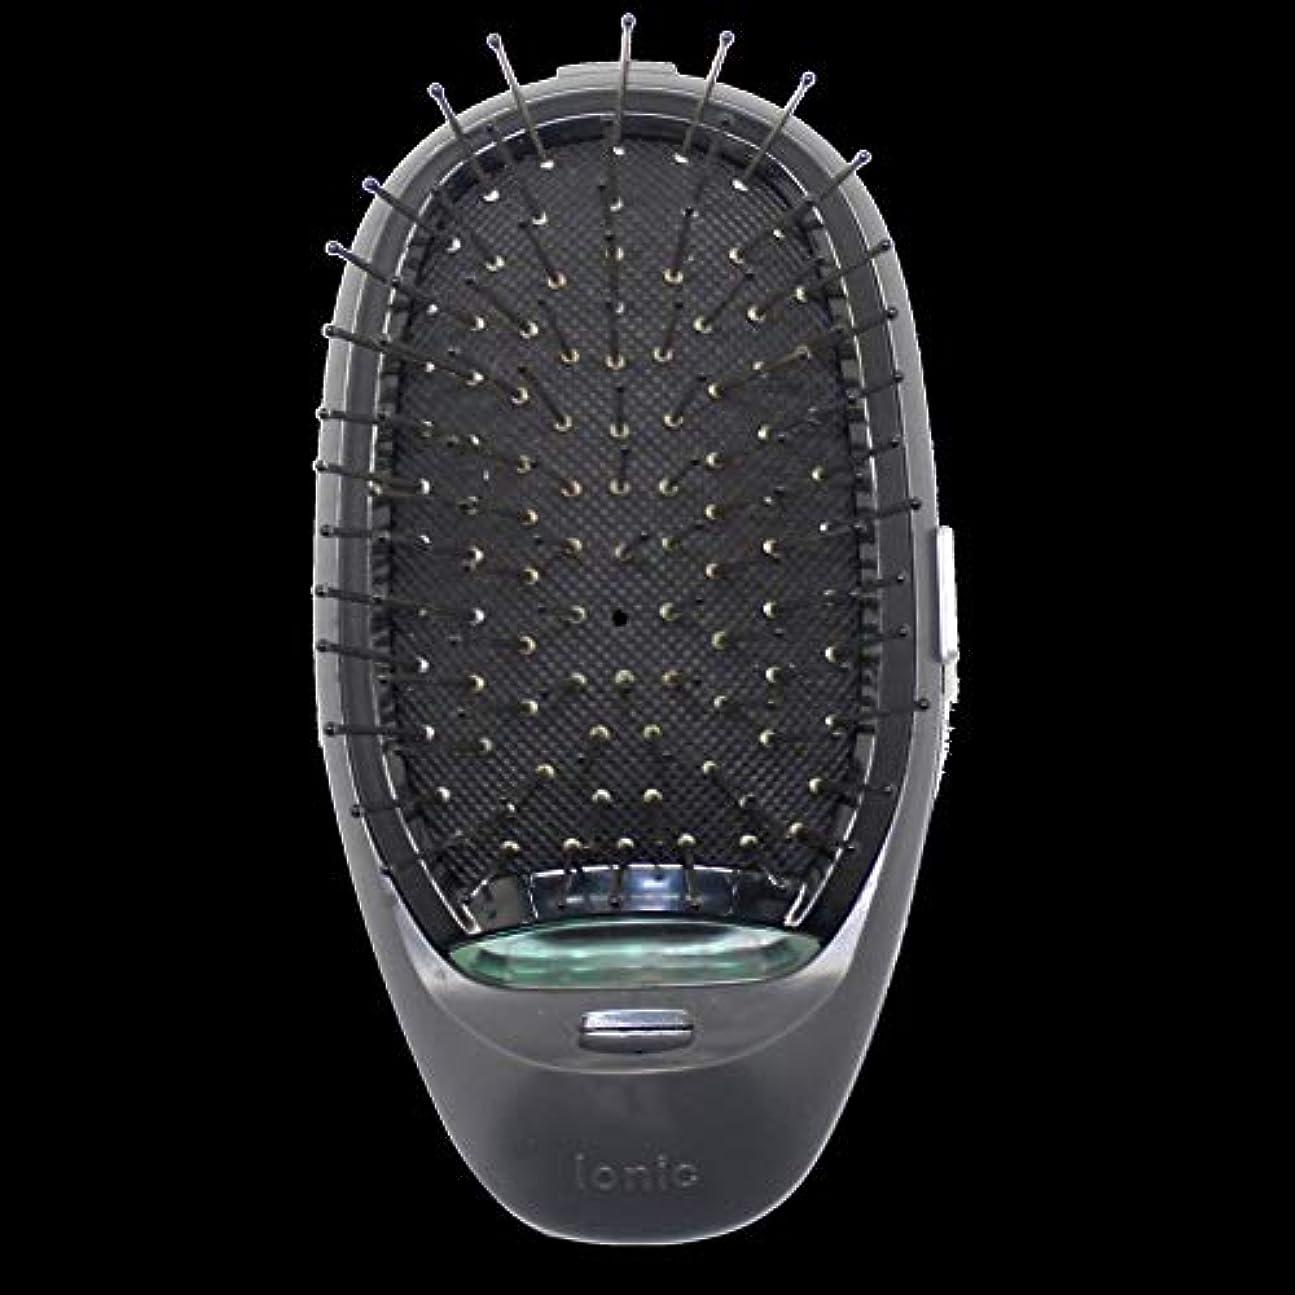 役に立つ預言者スピリチュアル電動マッサージヘアブラシミニマイナスイオンヘアコム3Dインフレータブルコーム帯電防止ガールズヘアブラシ電池式 - ブラック